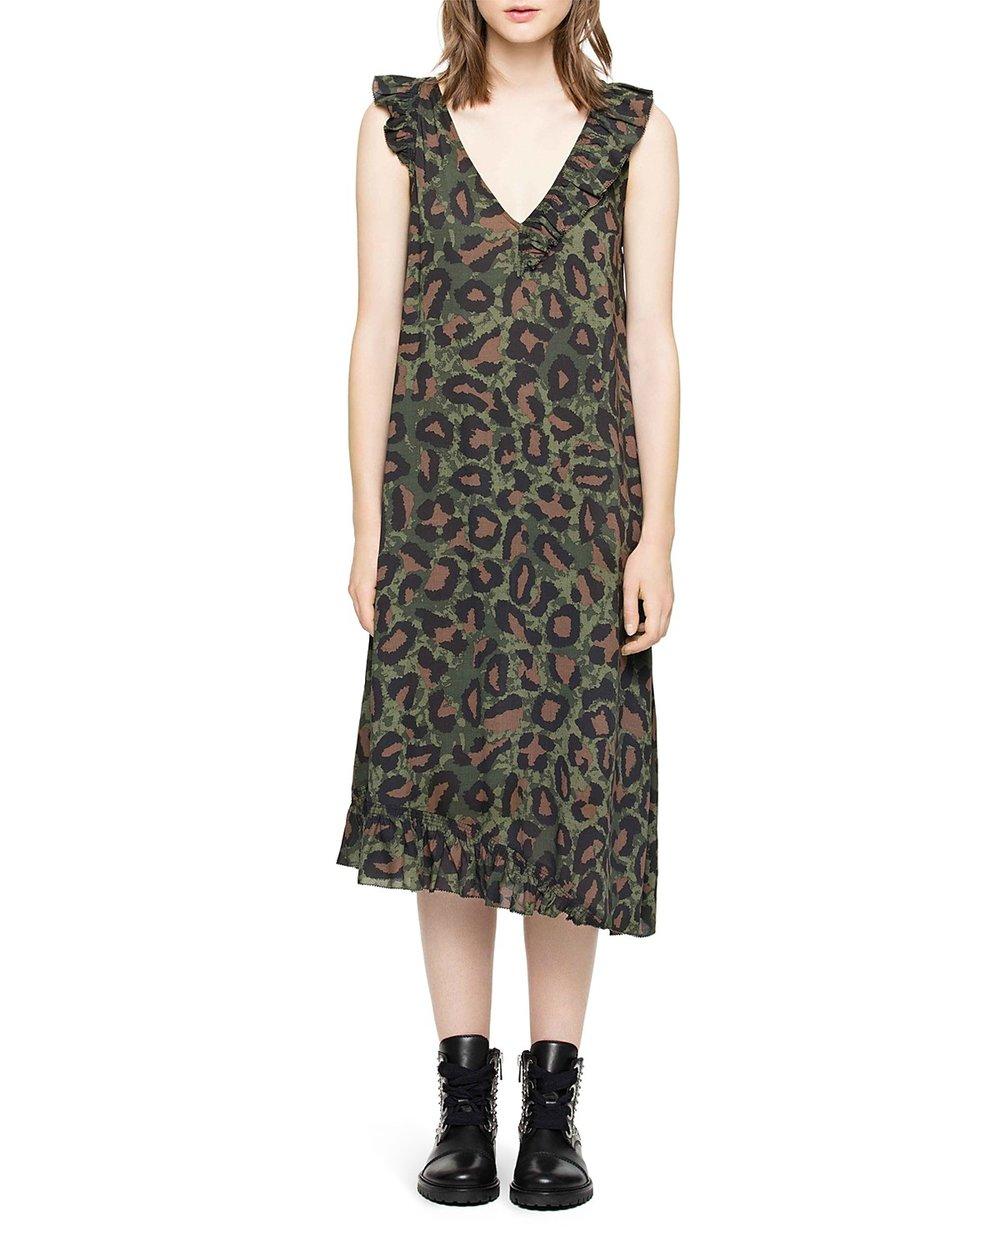 - REBELLE LEO LEOPARD DRESS $298*photo via Bloomingdales